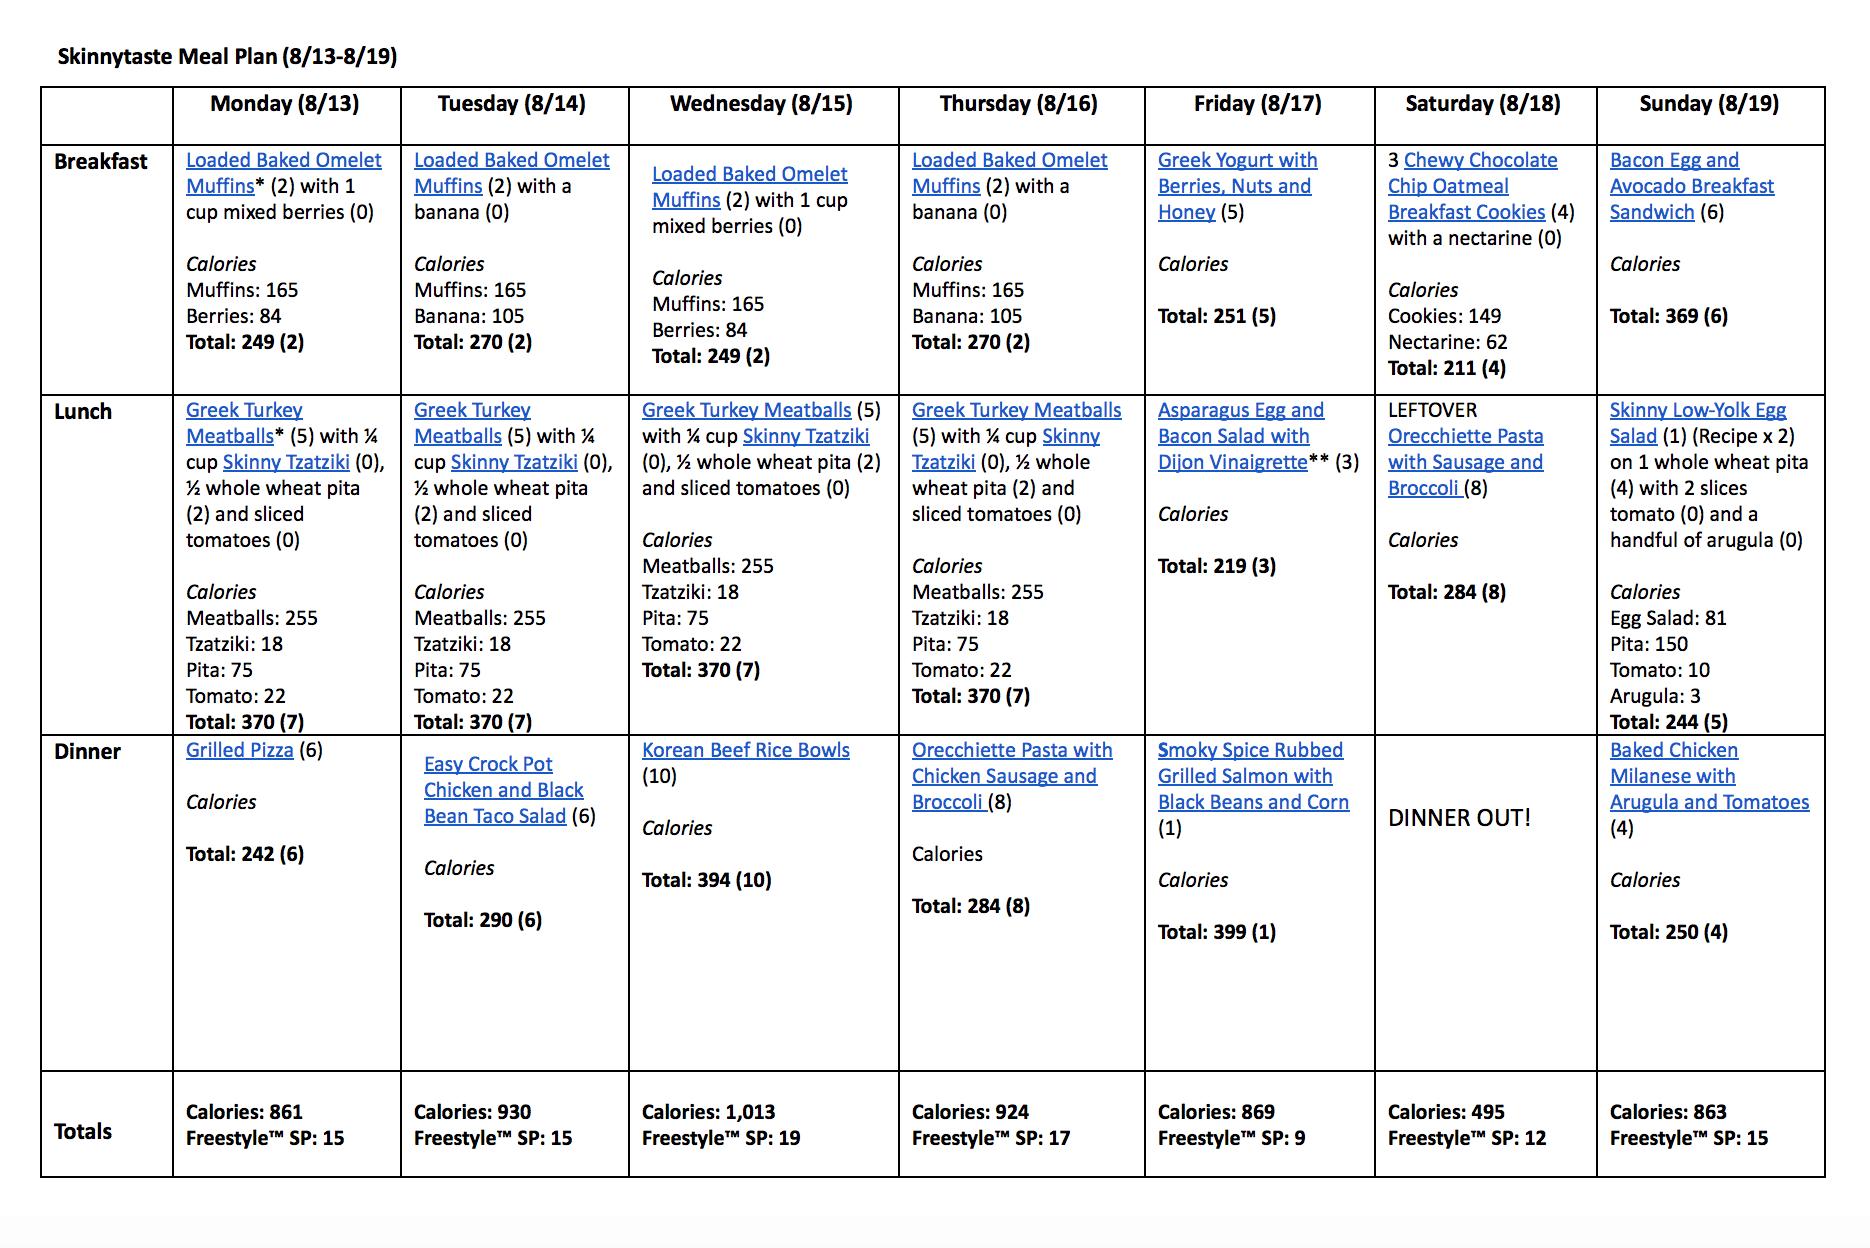 Skinnytaste Meal Plan (August 13-August 19)